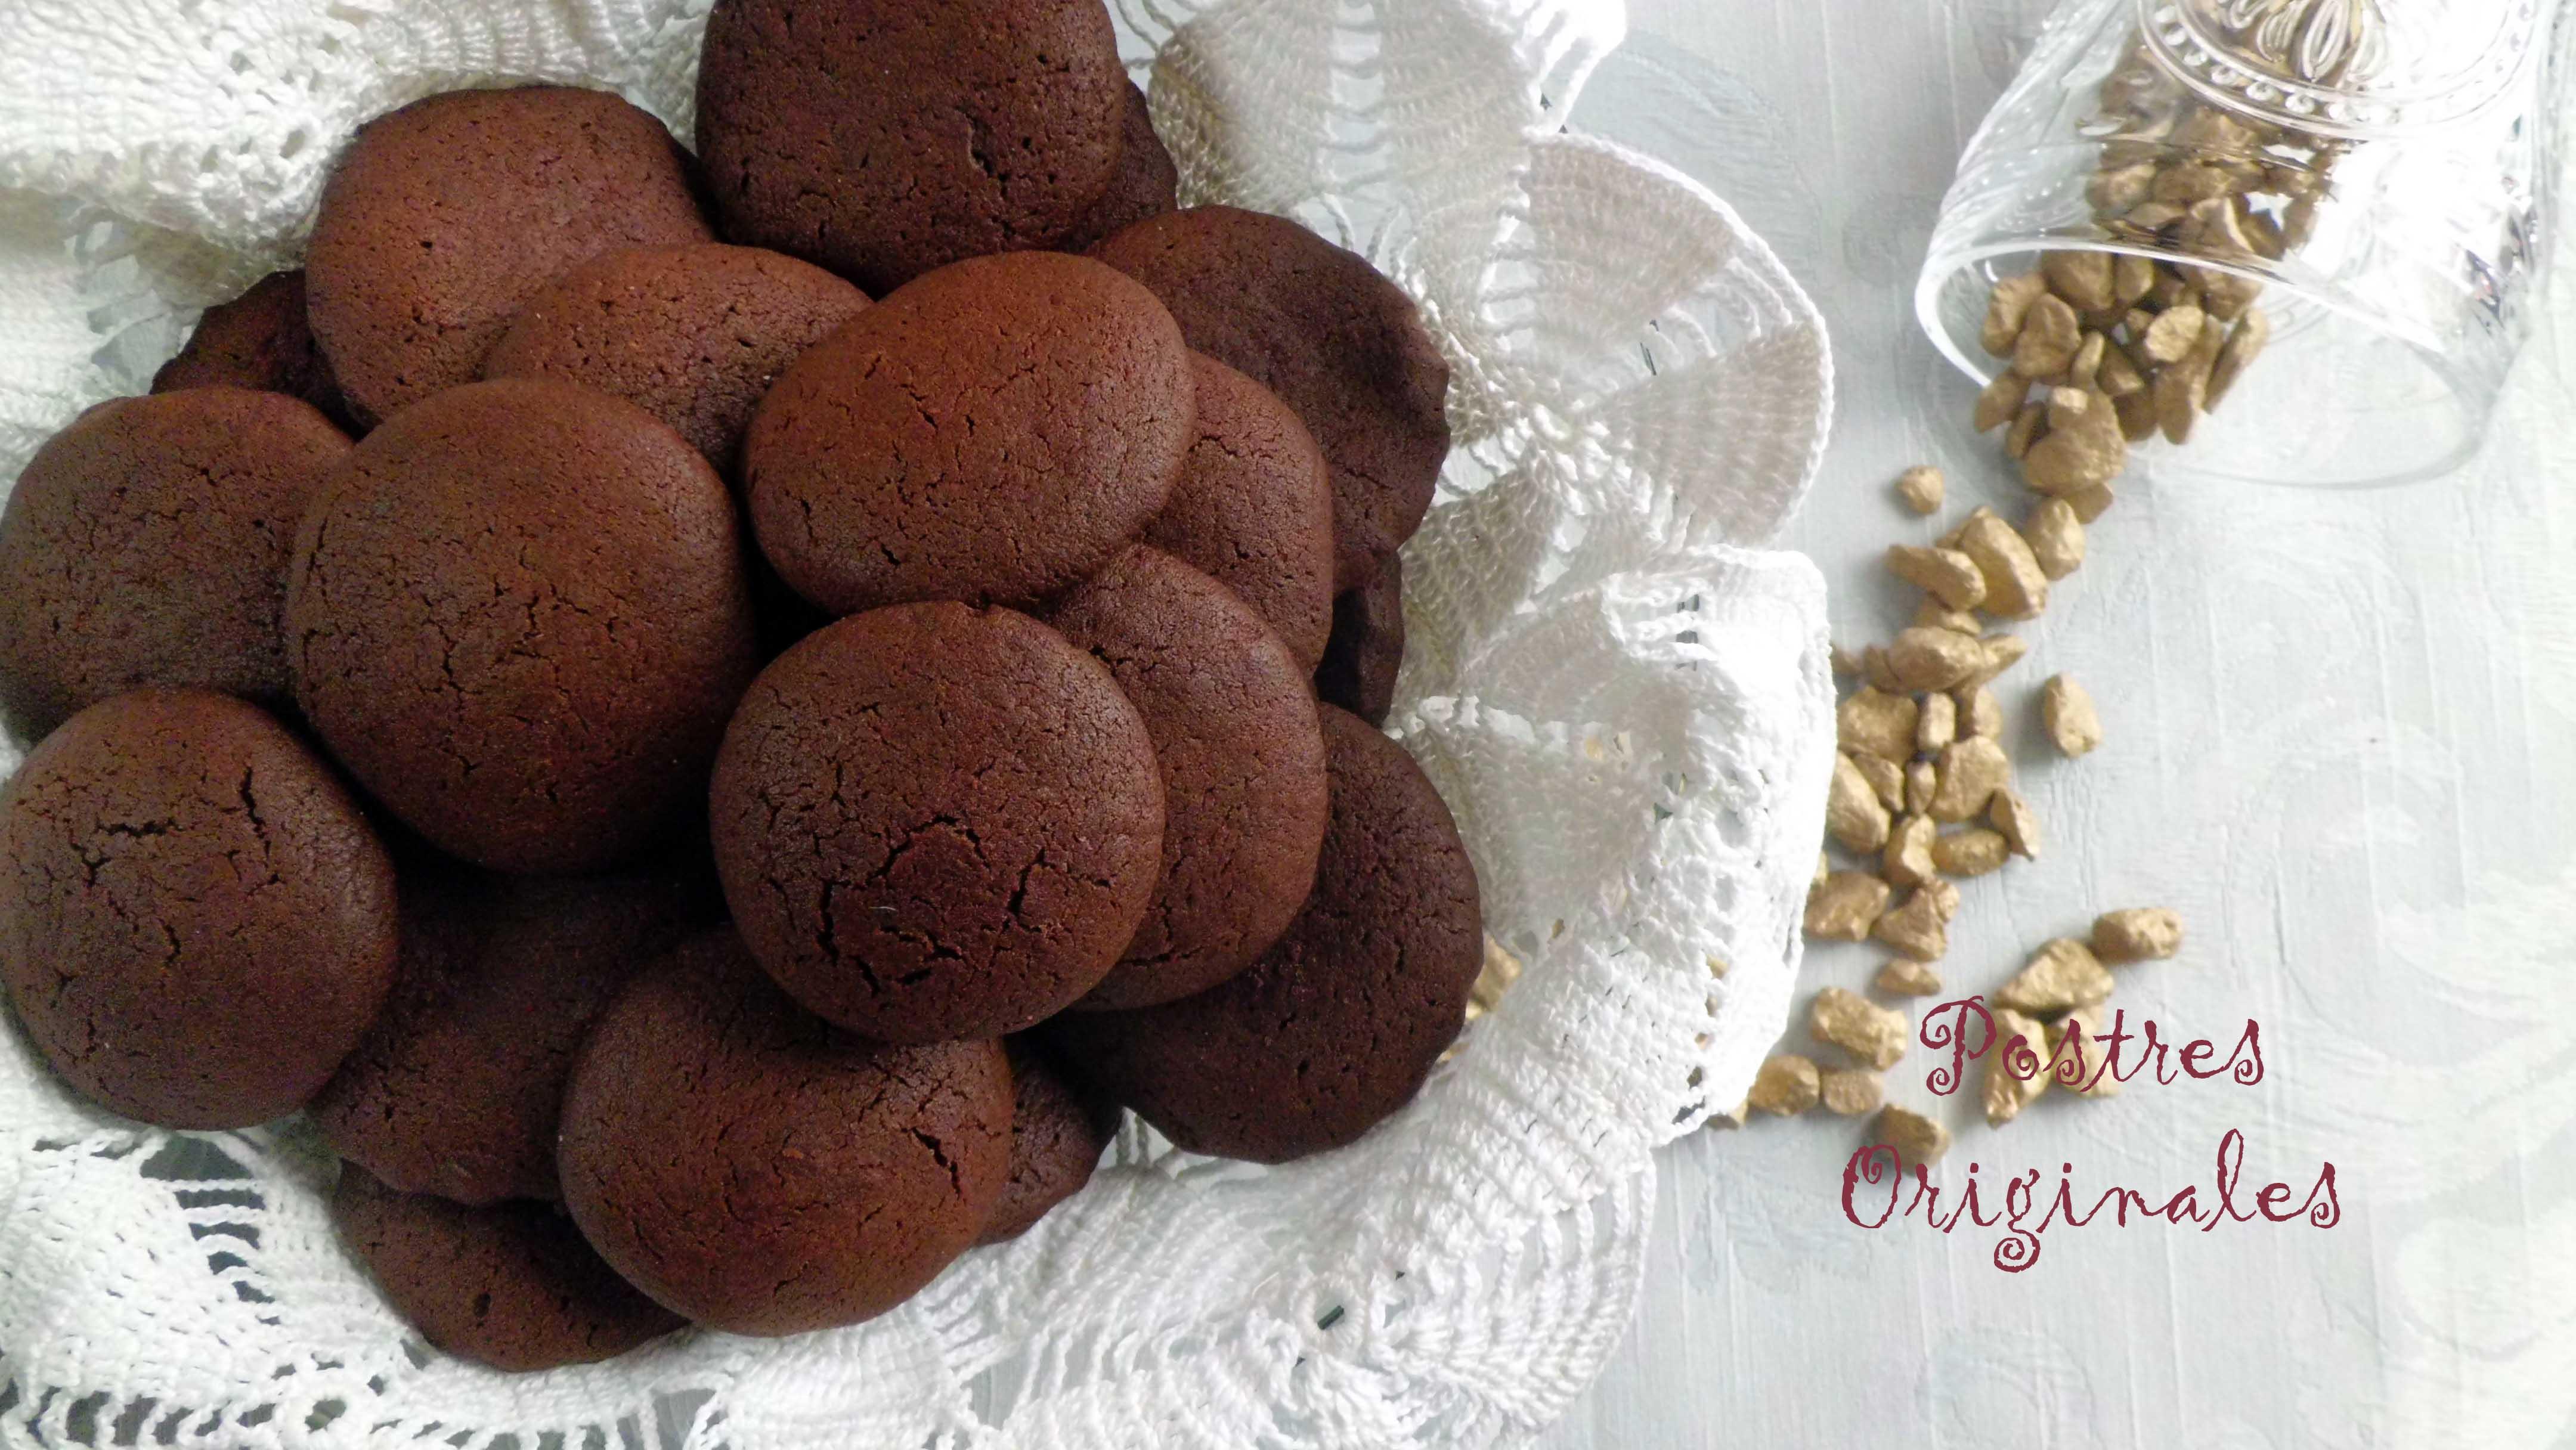 Galletas de chocolate 3 postres originales for Postres sencillos y originales